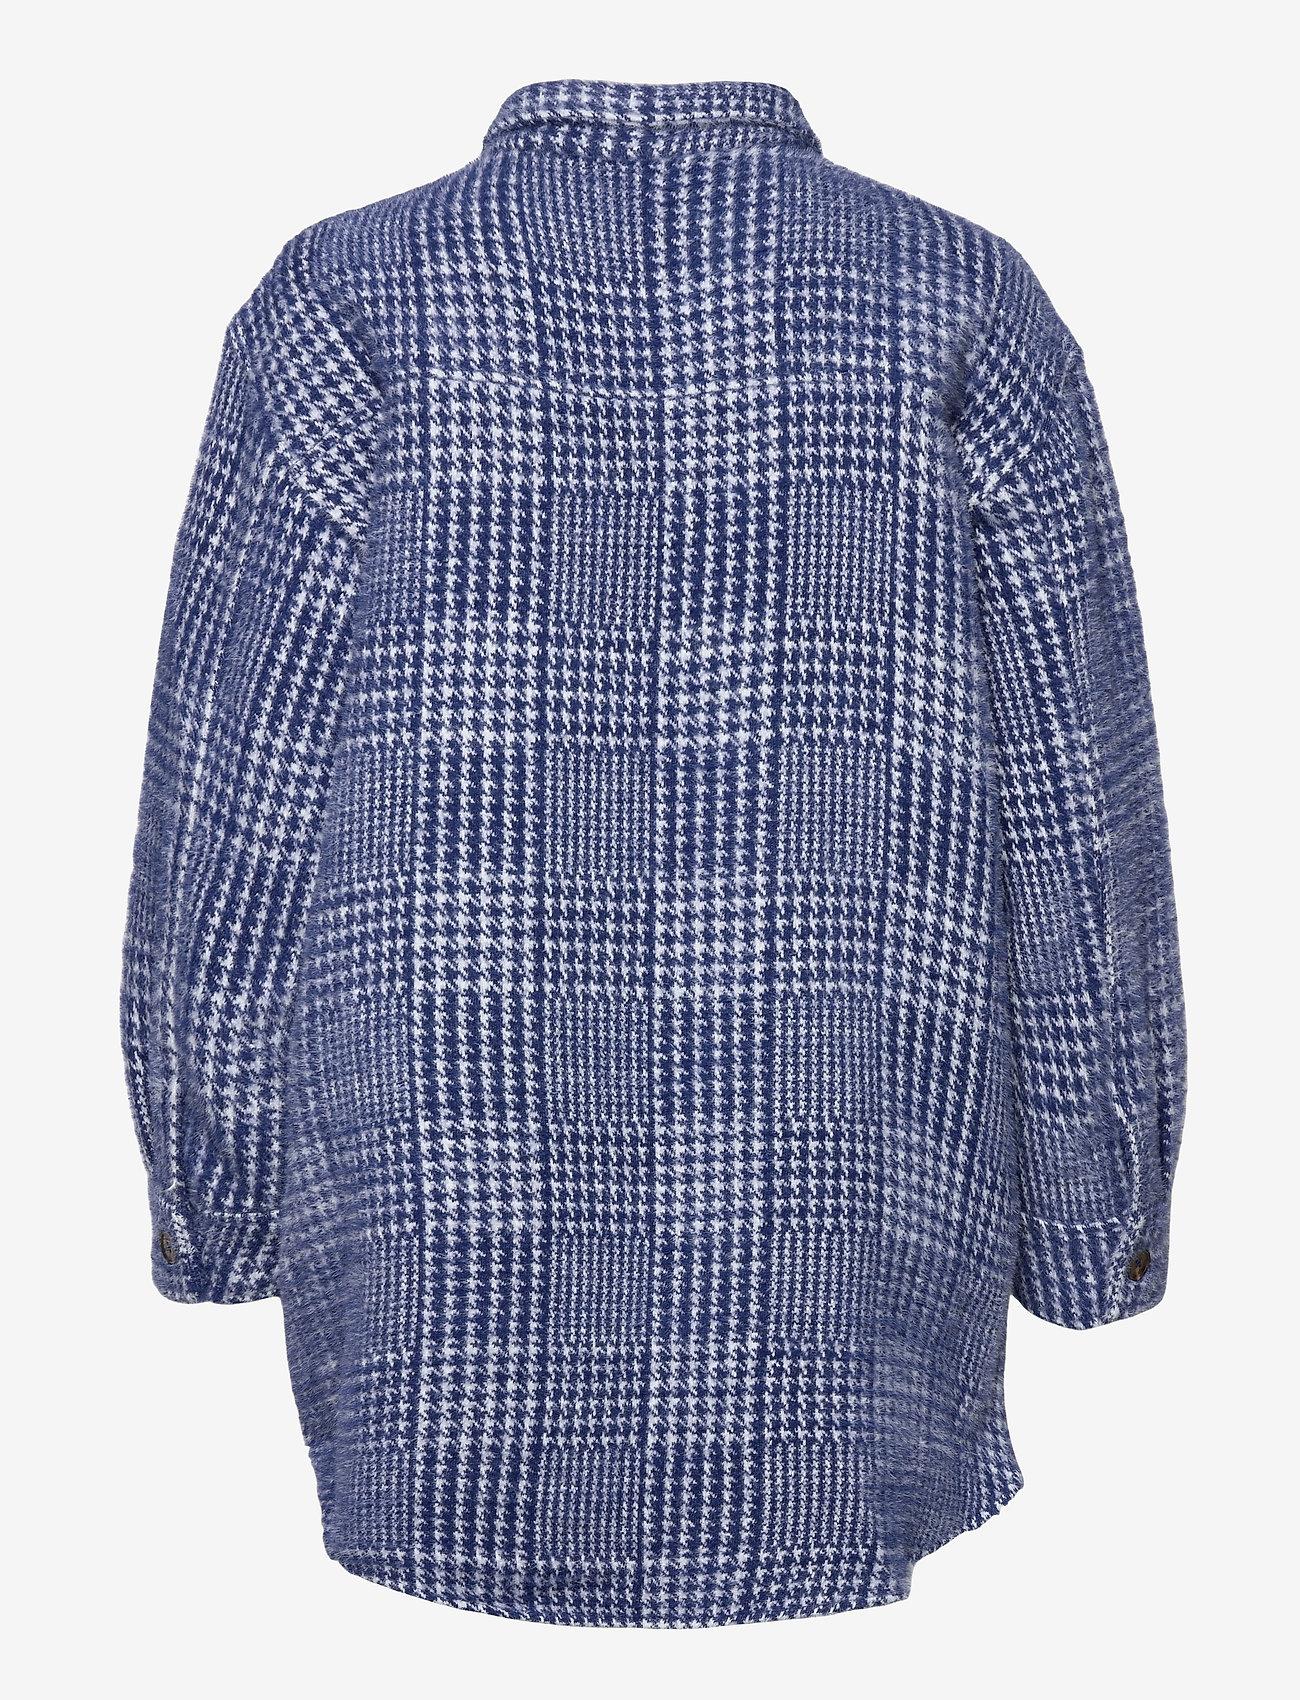 Munthe - TULLY - wool jackets - indigo - 1